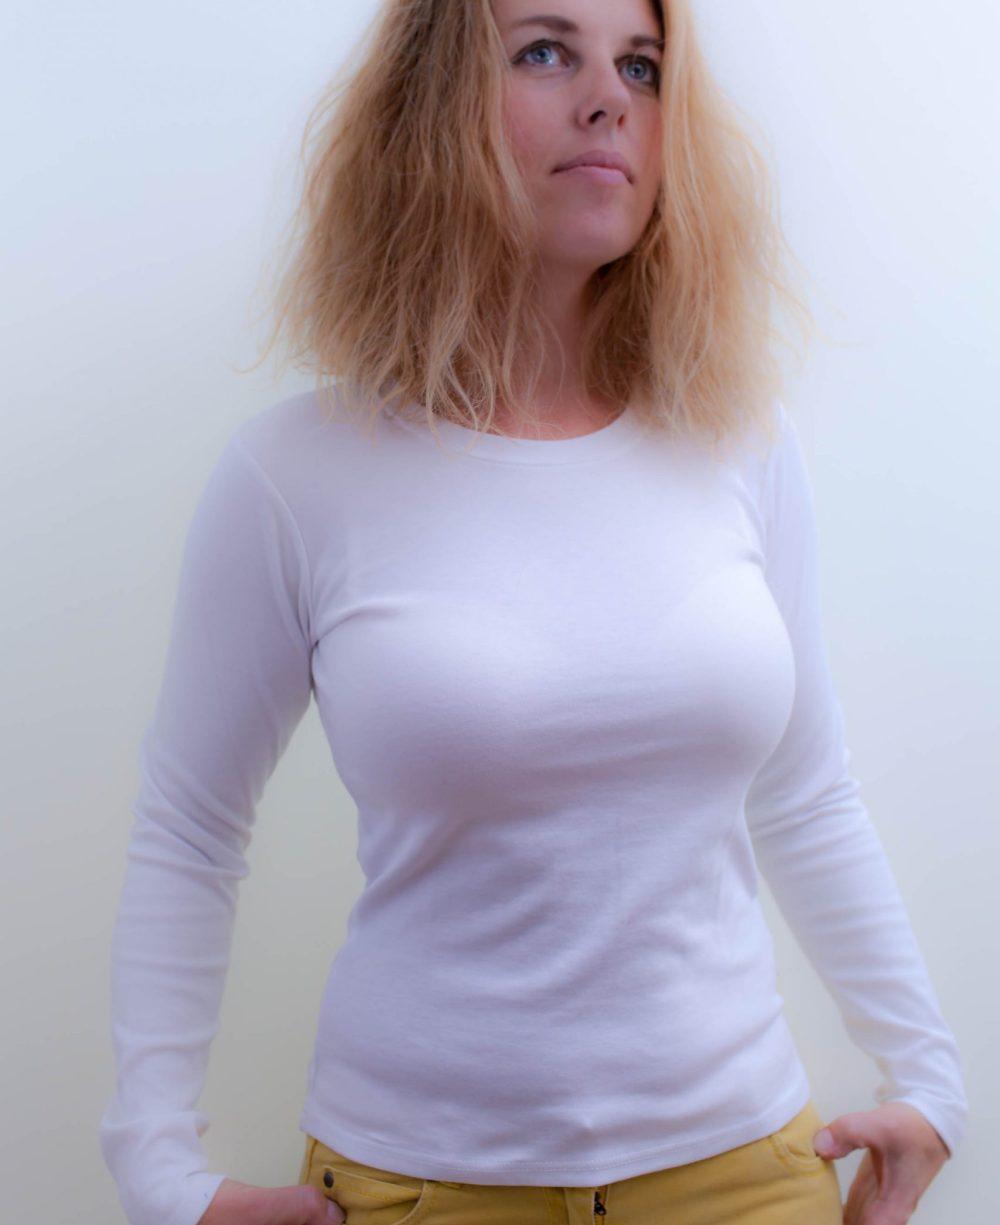 weiss-Damen-Katheterhemd-für-dialysepatienten-diazipp-dialysebekleidung